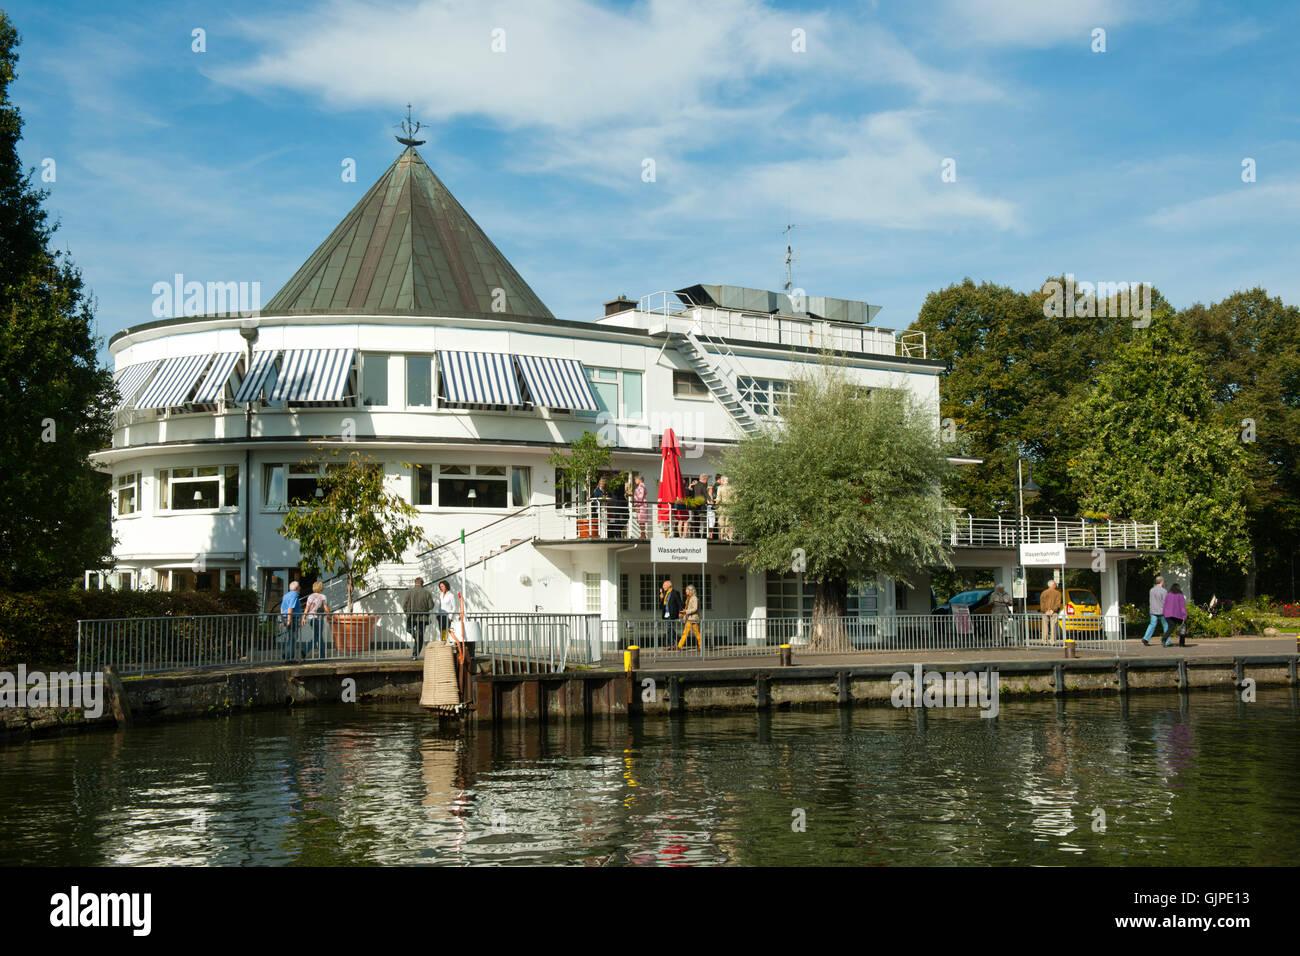 Deutschland, Nordrhein-Westfalen, Mühlheim an der Ruhr, Wasserbahnhof auf der Schleuseninsel - Stock Image